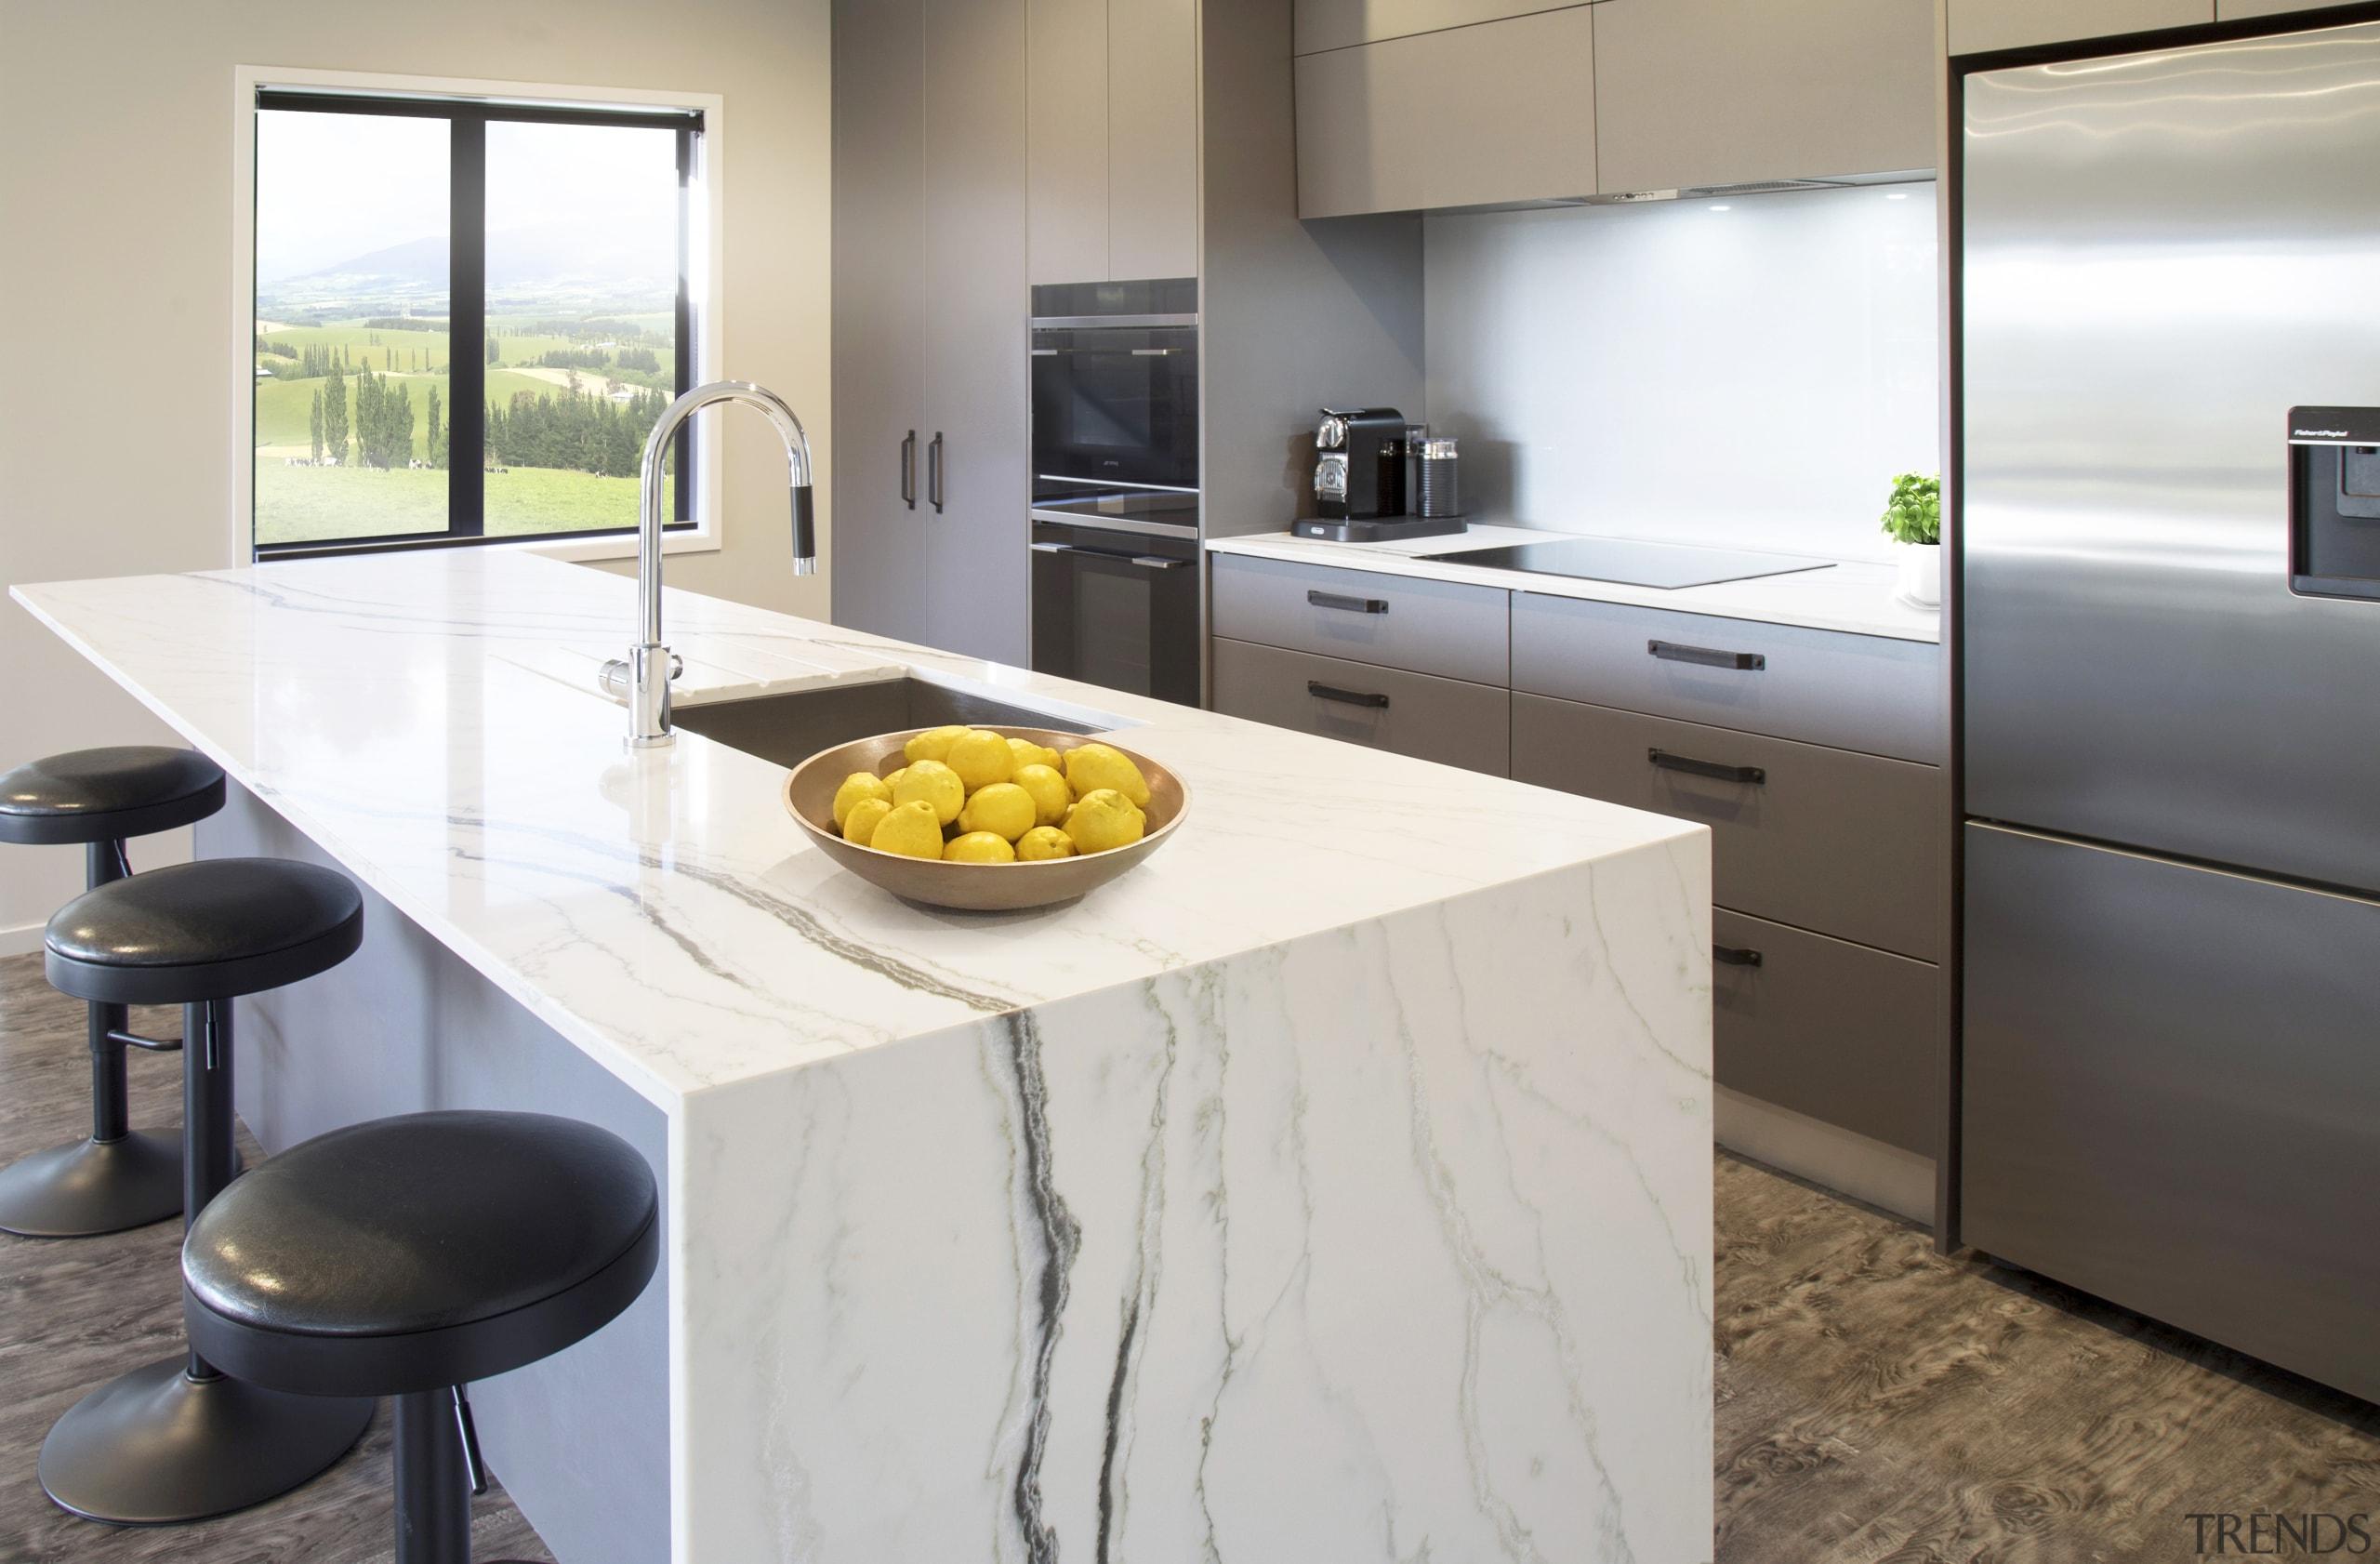 This eye-catching kitchen, by designer Kim Primrose, features countertop, floor, interior design, kitchen, gray